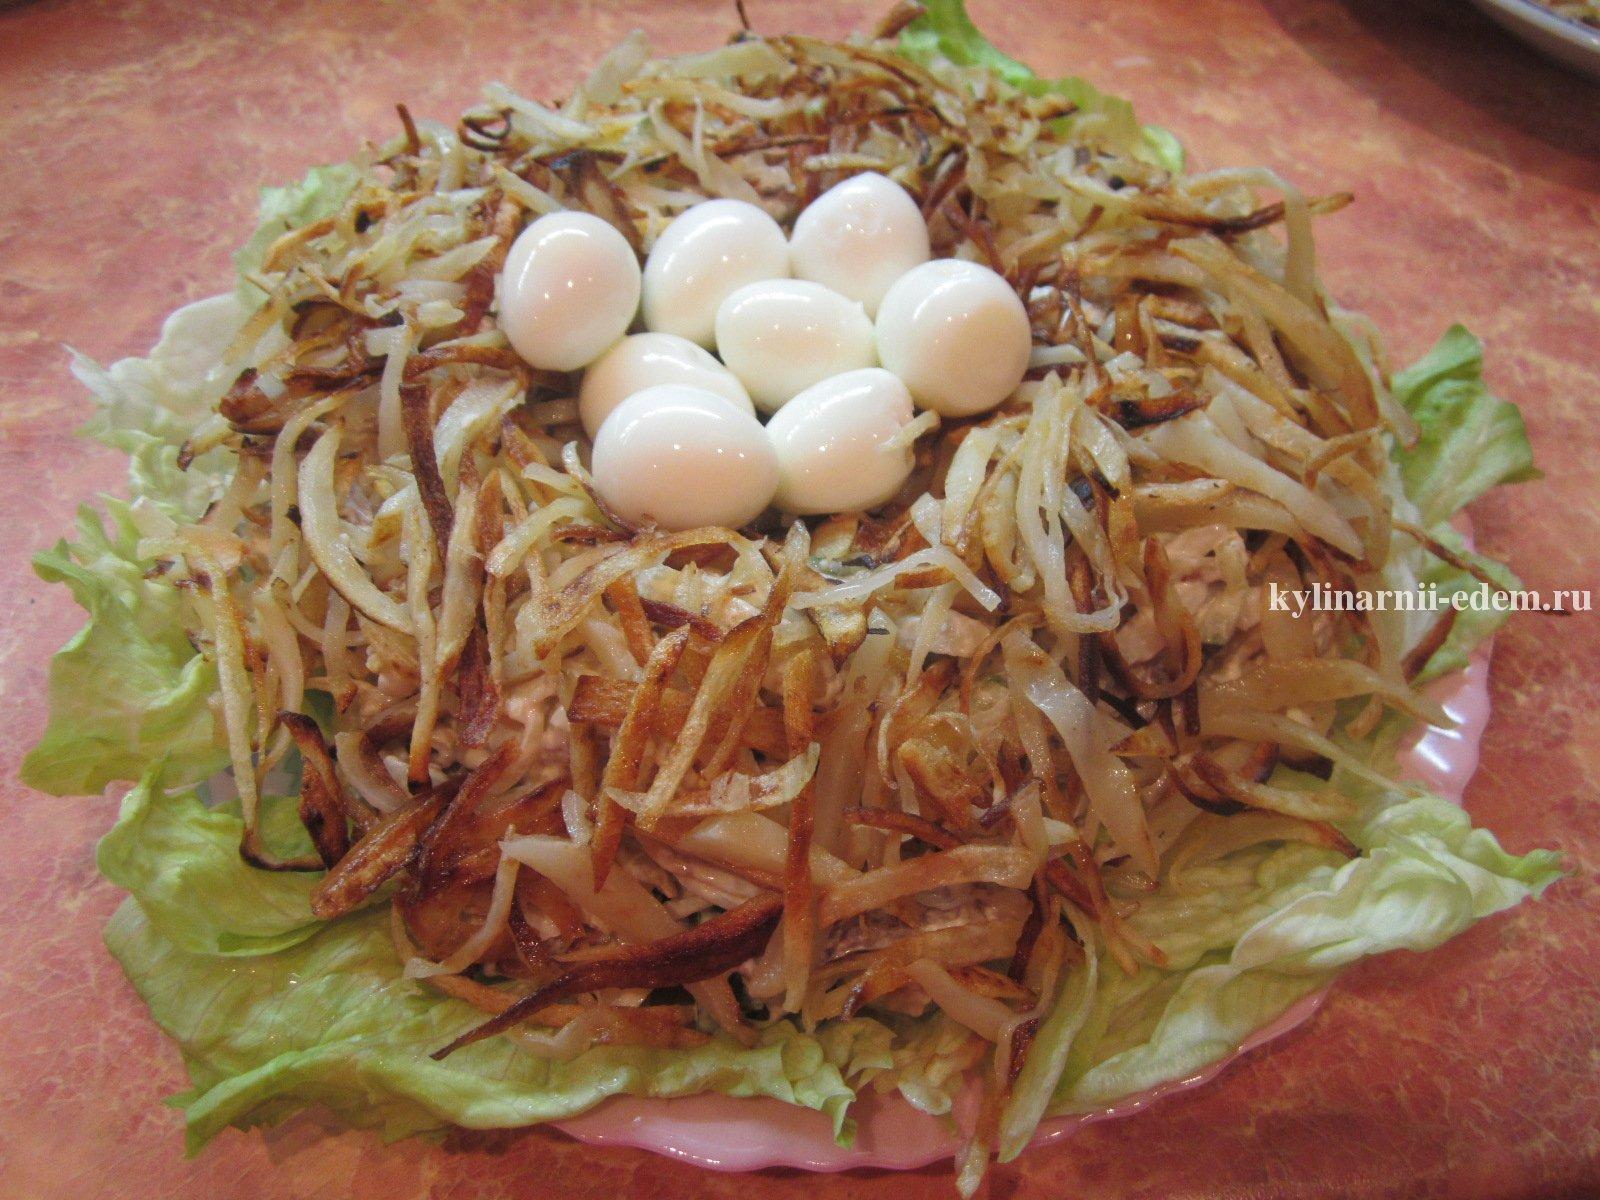 Гнездо глухаря с грибами рецепт с фото